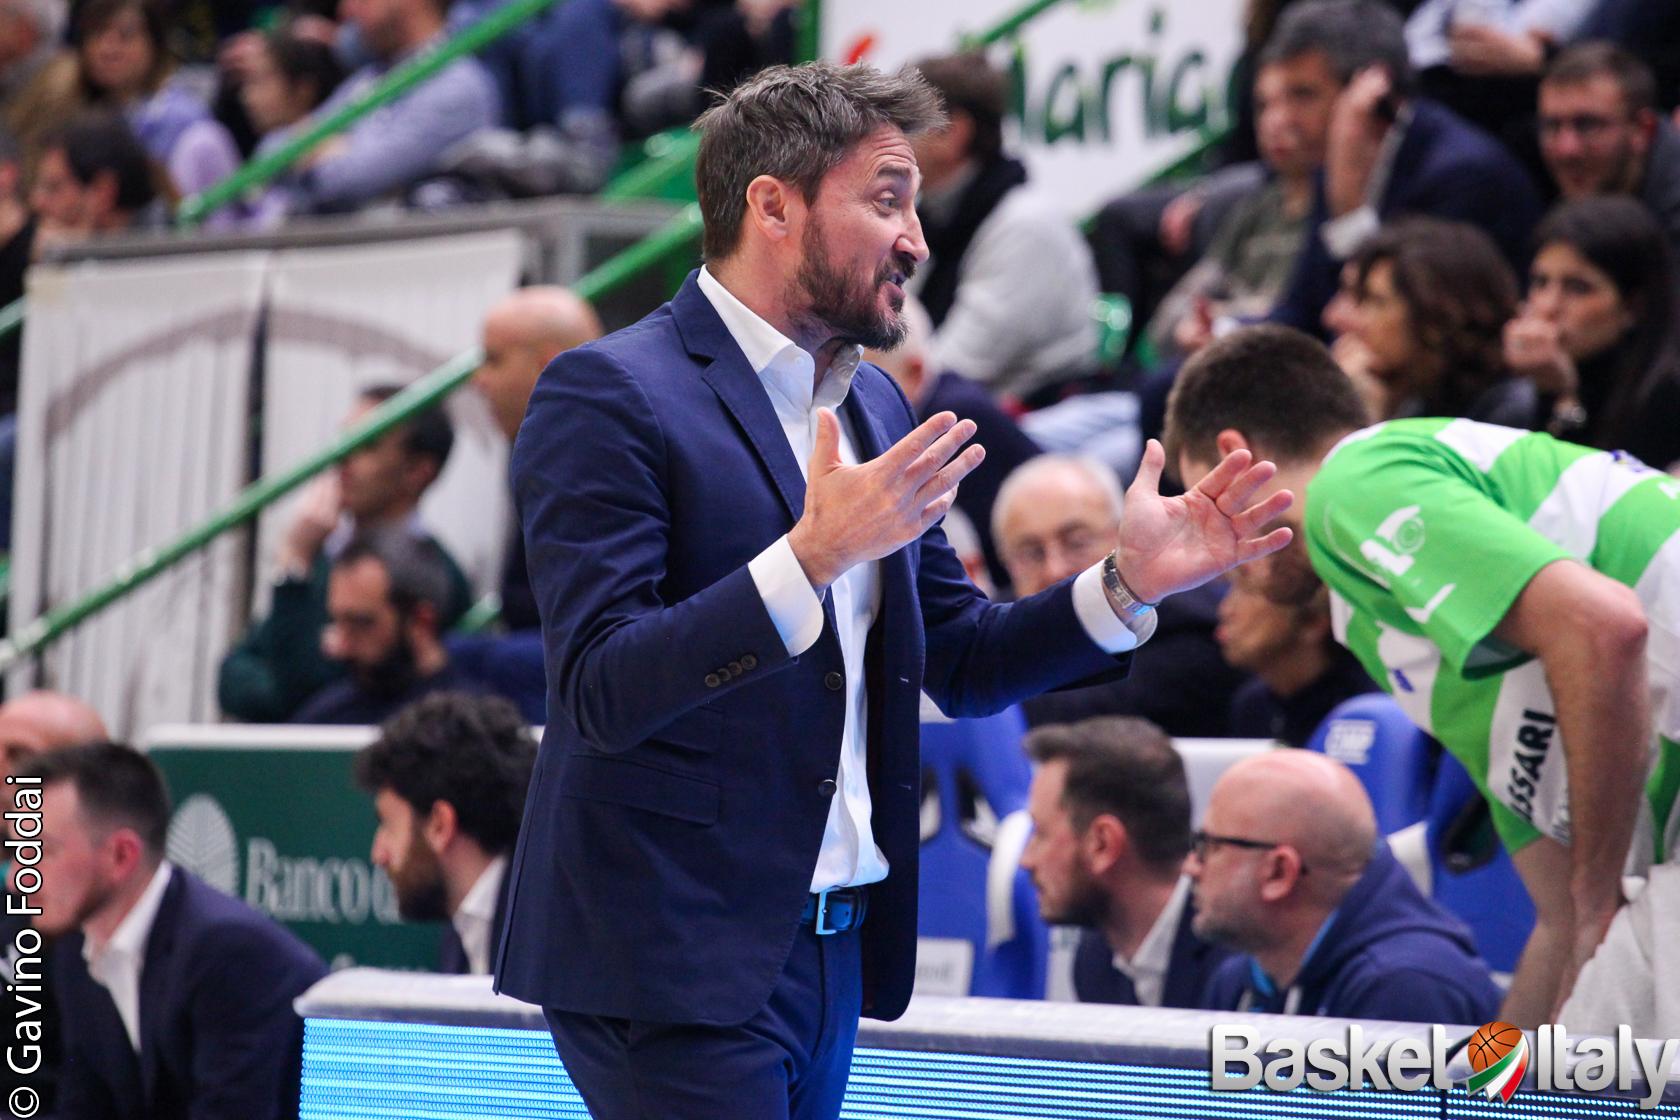 Dinamo Sassari: Gianmarco Pozzecco espulso per proteste nel terzo quarto